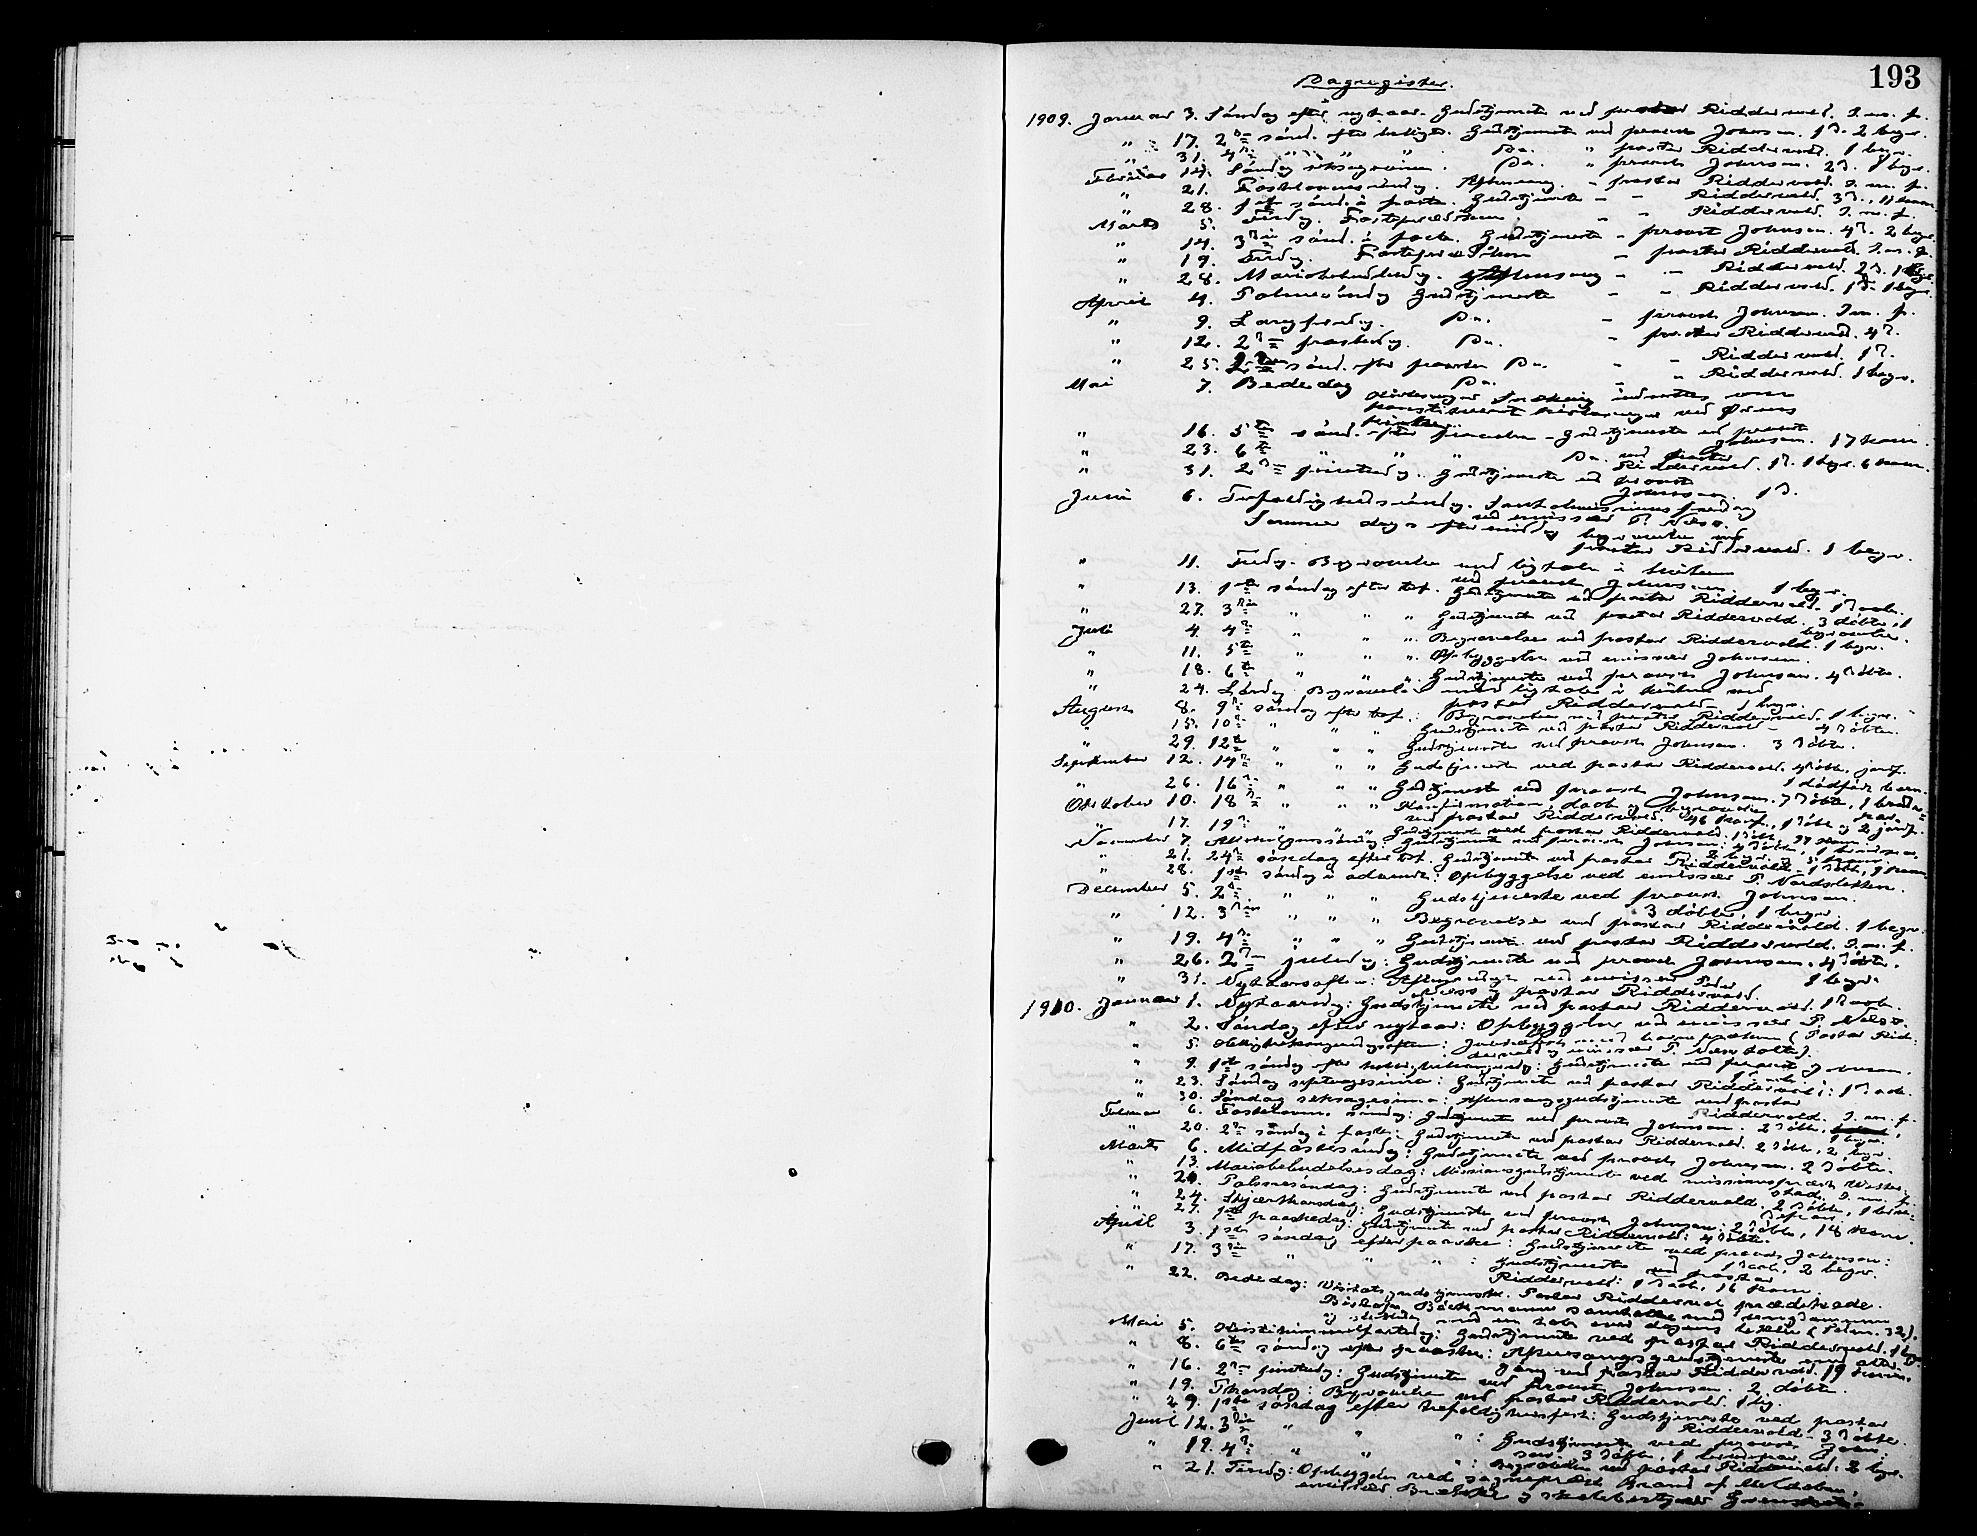 SAT, Ministerialprotokoller, klokkerbøker og fødselsregistre - Sør-Trøndelag, 669/L0831: Klokkerbok nr. 669C01, 1909-1924, s. 193